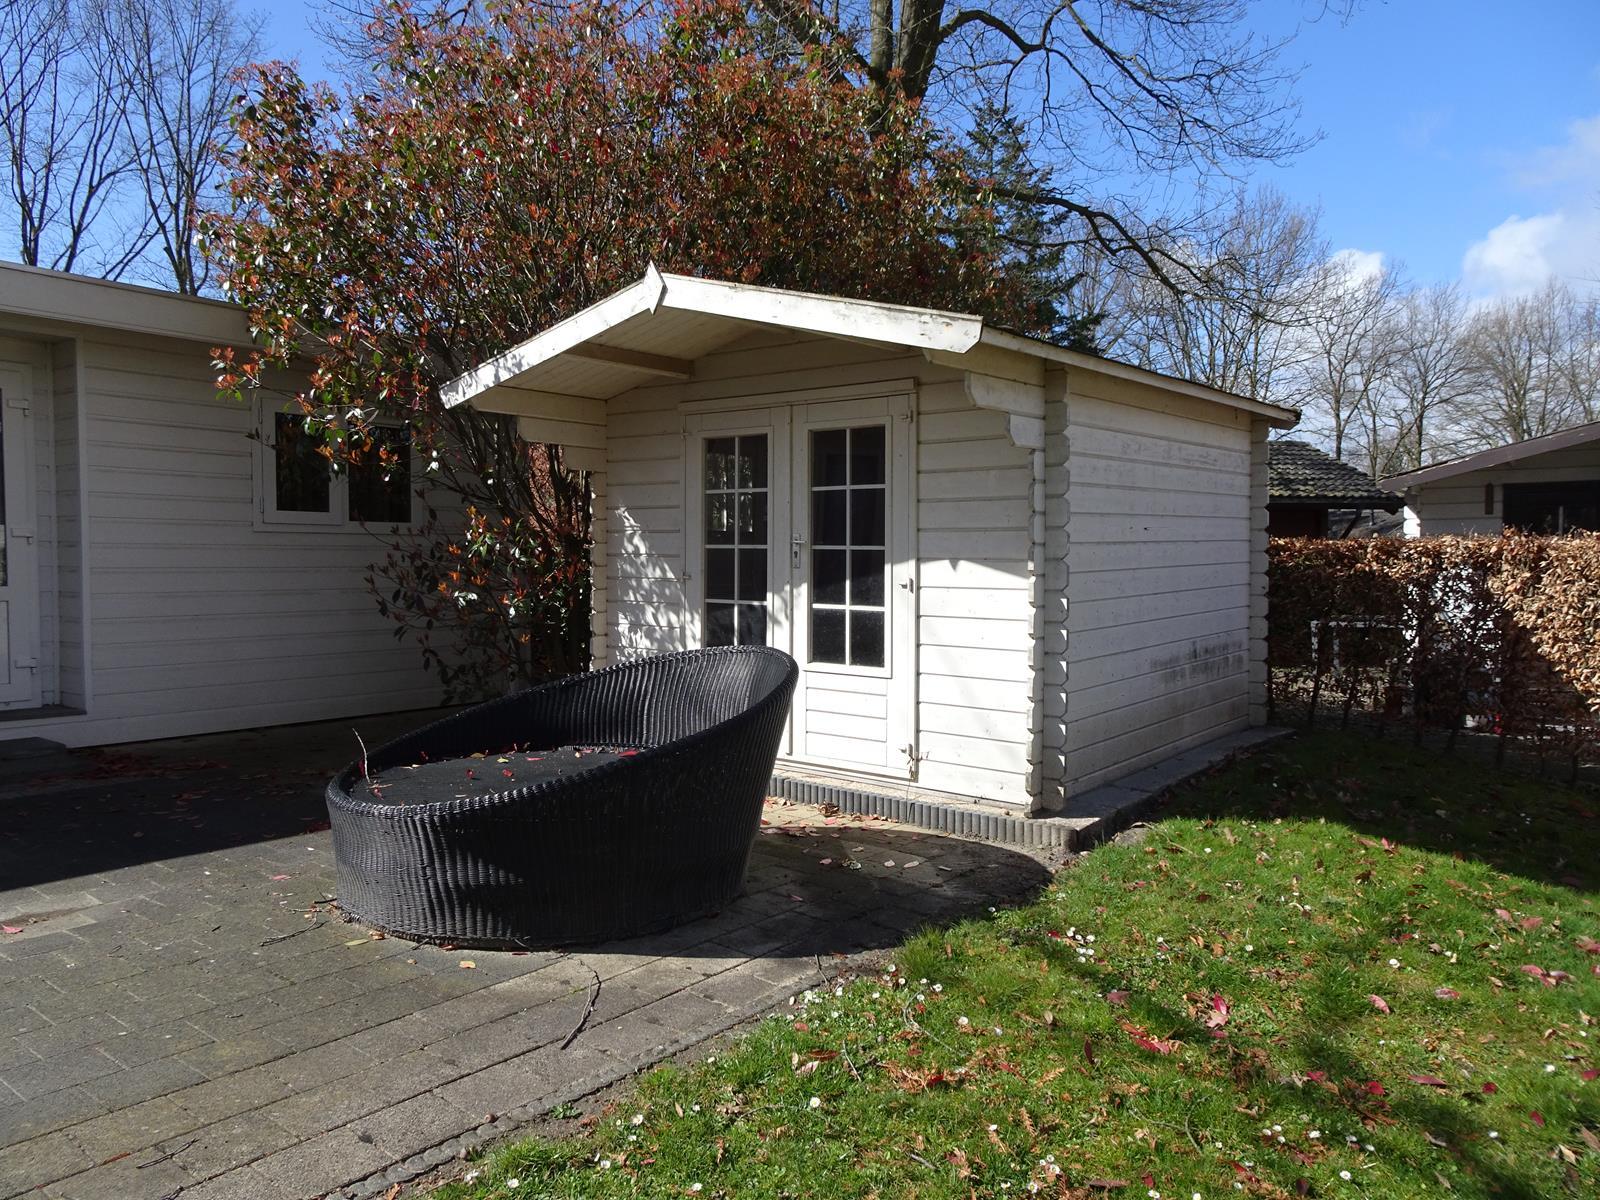 Vakantiehuis te koop Limburg Susteren 139 003.jpg